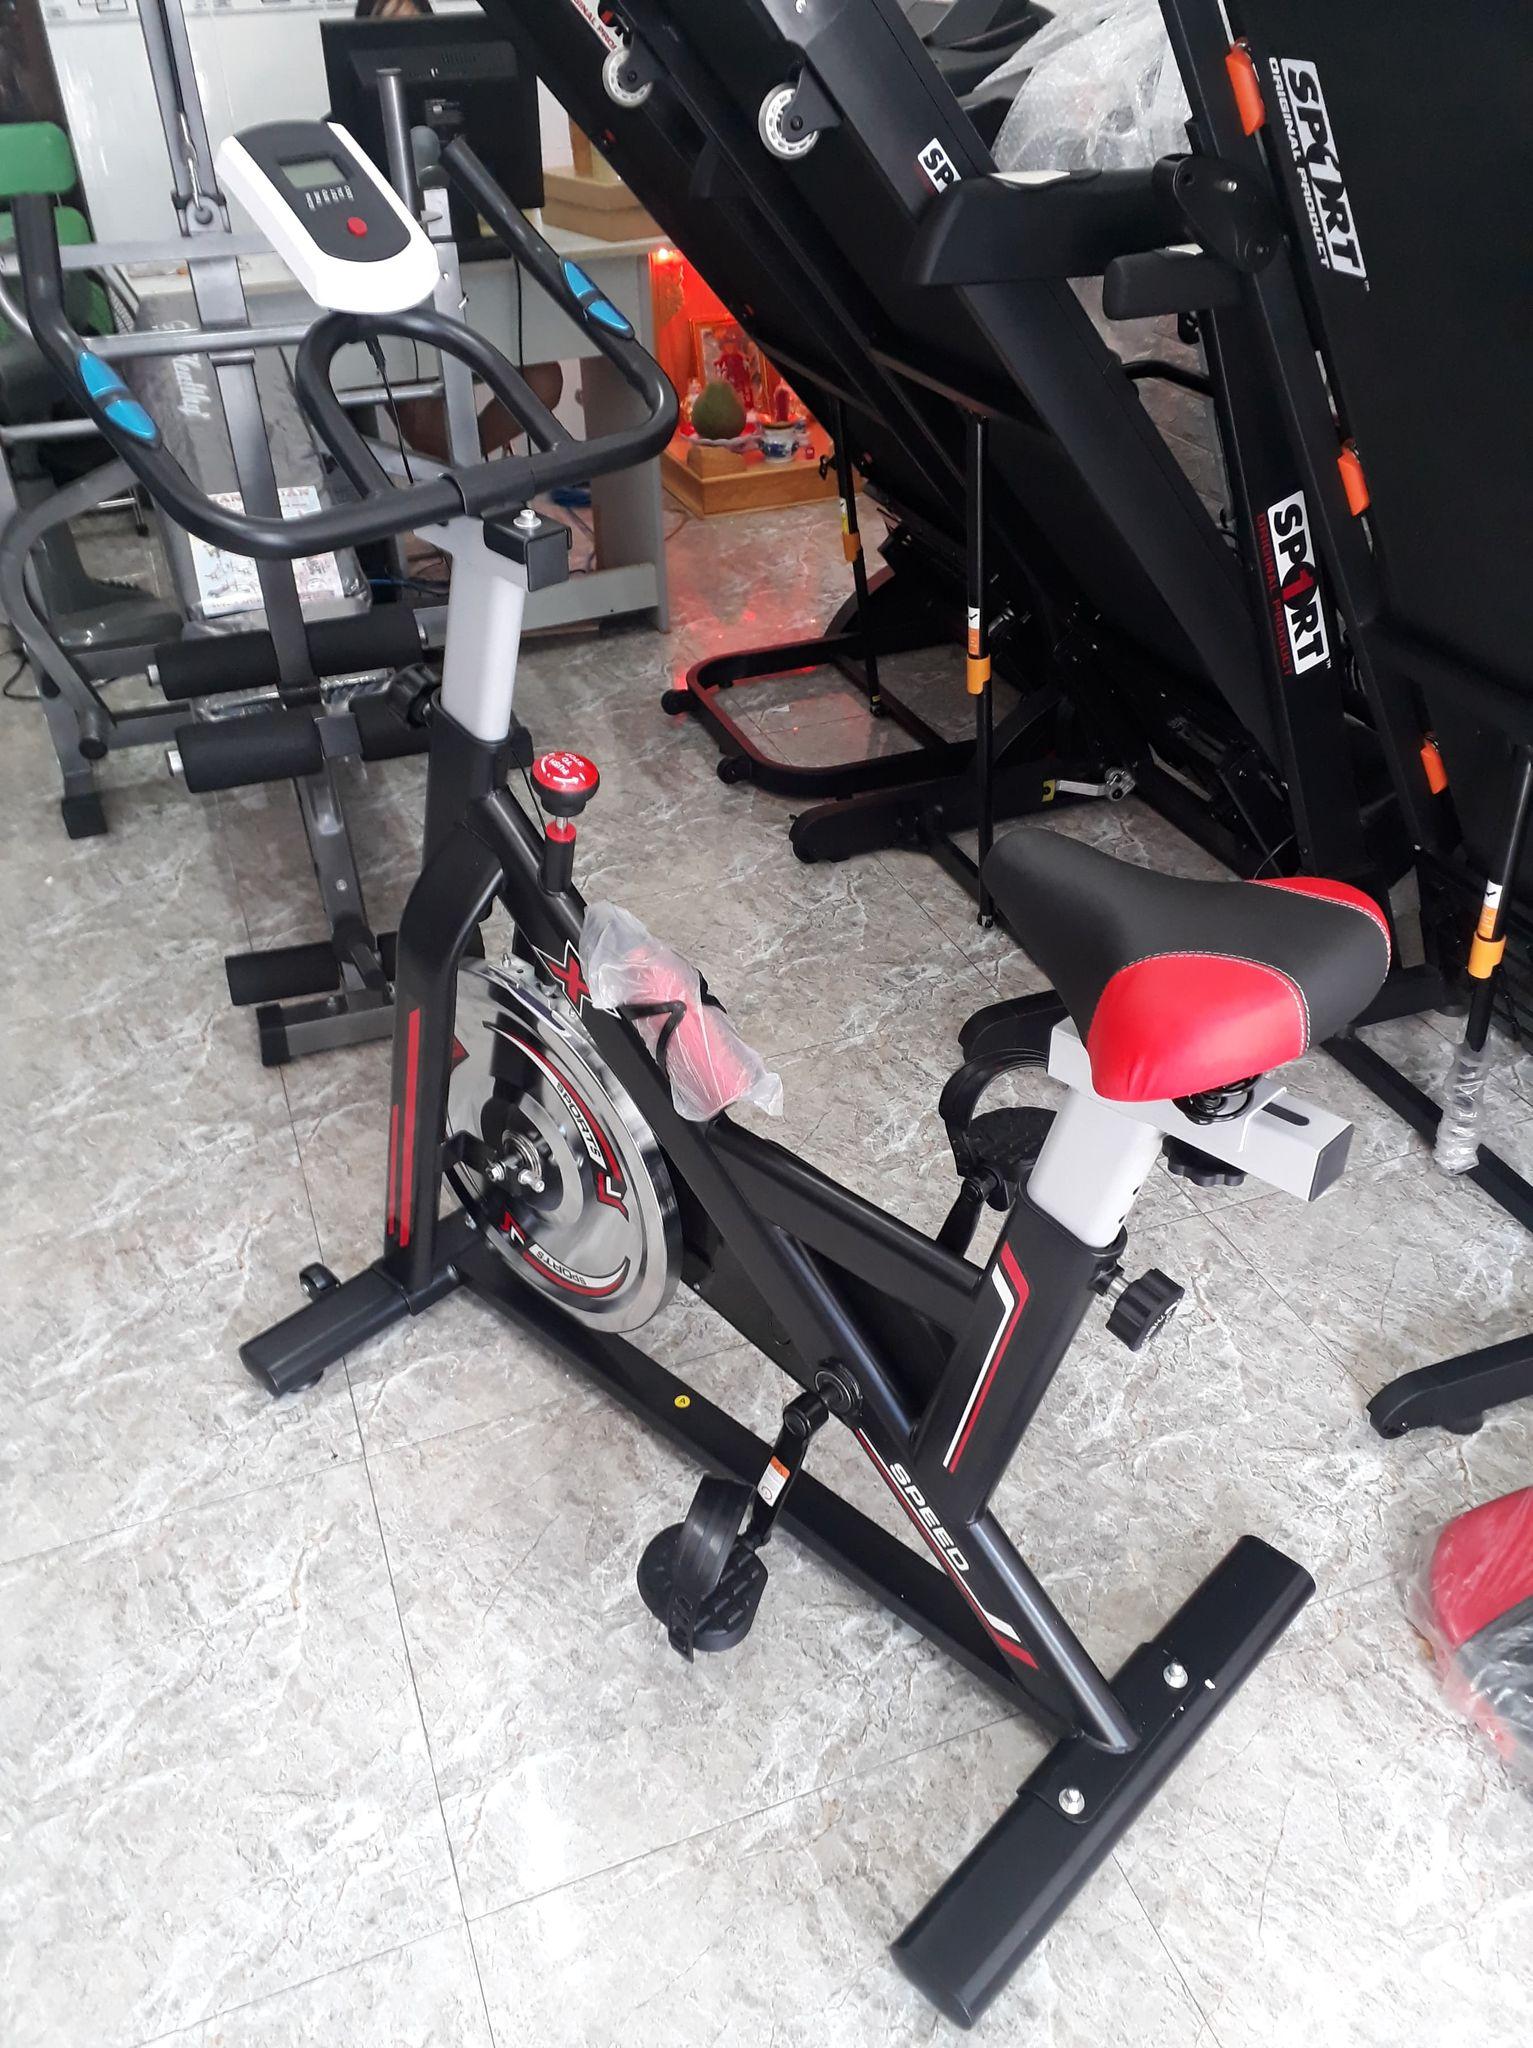 (ẢNH THẬT) Xe đạp tập thể dục tại nhà, Xe đạp tập thể thao KHUNG THÉP DÀY, CHẮC CHẮN, CHUYỂN ĐỘNG BẰNG DÂY CUROA RẤT ÊM